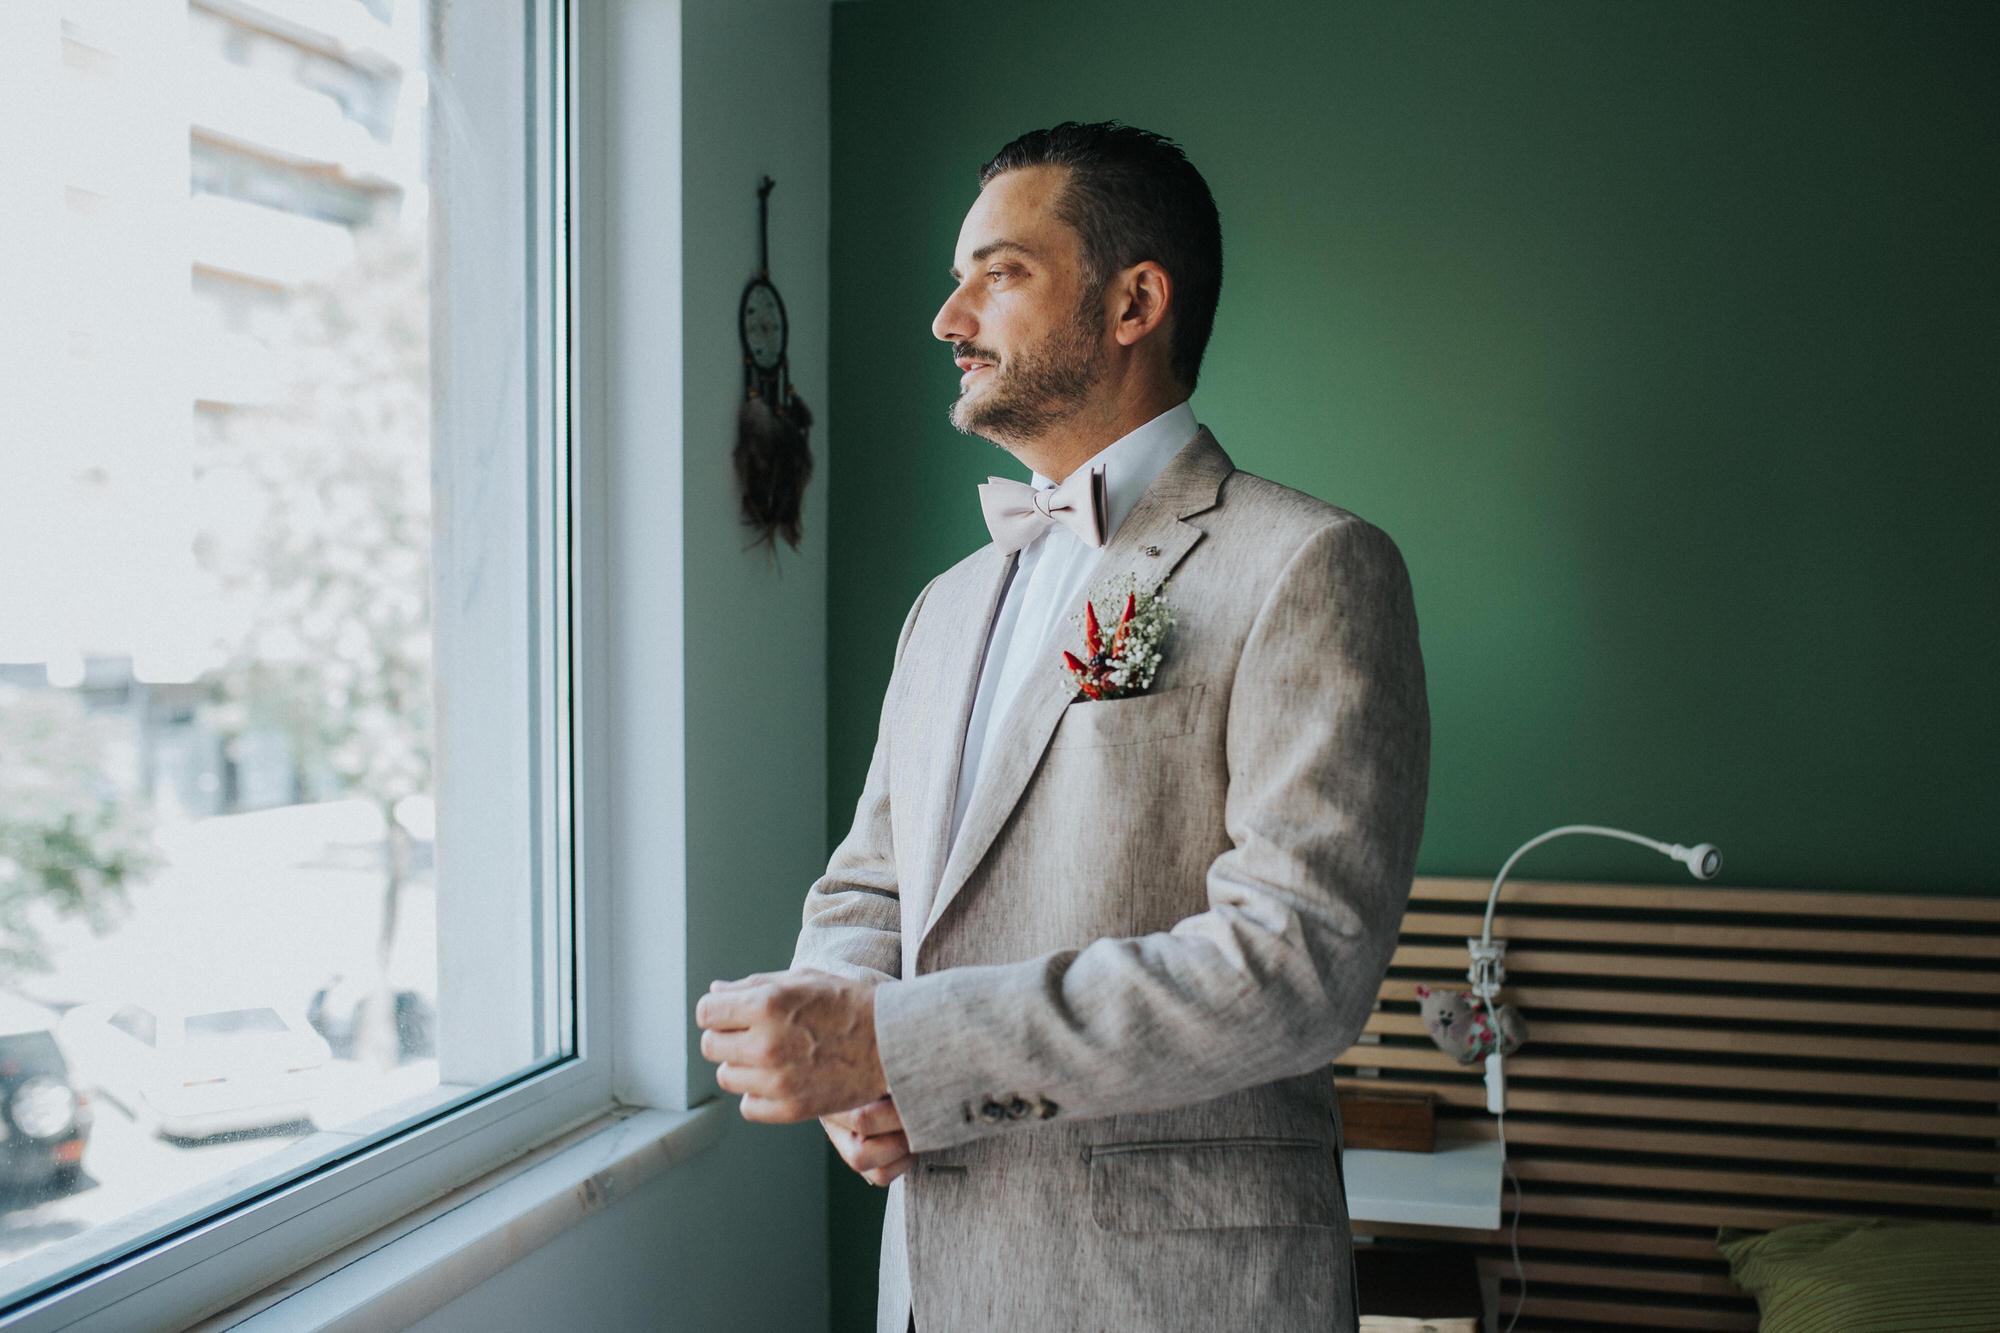 Filipe Santiago Fotografia-fotografo-malveira-lisboa-cascais-mafra-melhores-reportagem-wedding-photography-portugal-lisbon-best-natural-casamentos-lifestyle-bride-ideias-rustic-boho-hair-mackup-damas-preparativos-preparations-bridemaids-dress-shoes-bouquet-groom-noivo